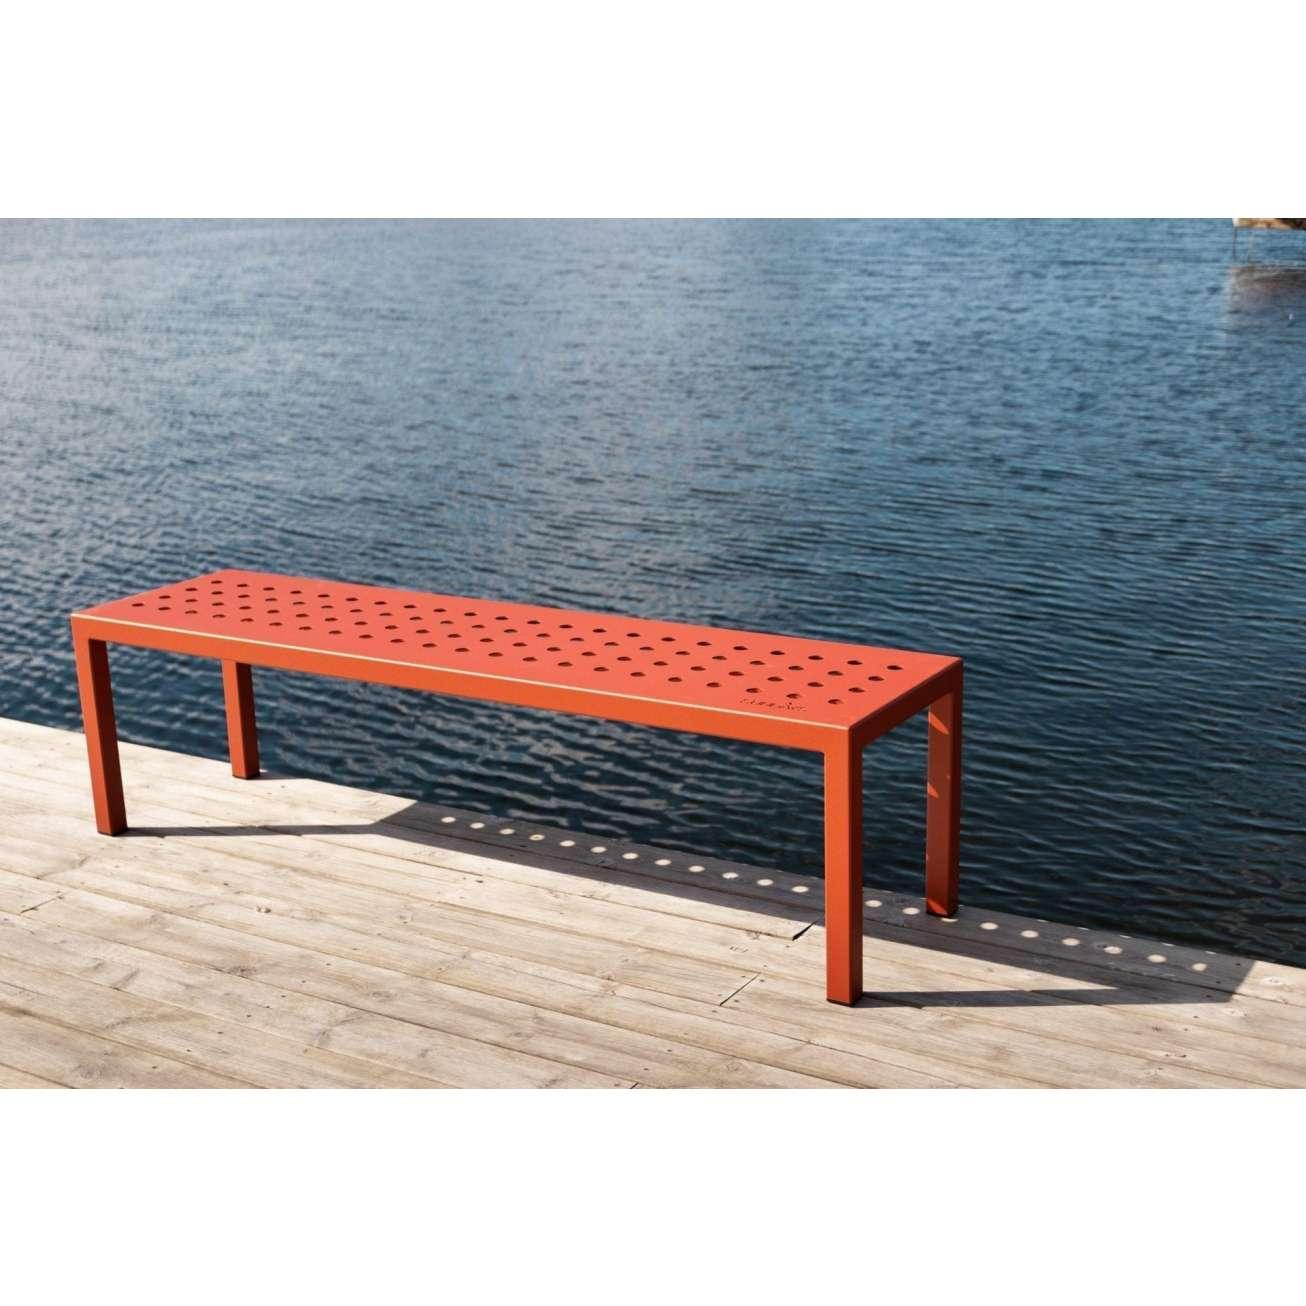 Tropenatt-spisebenk-sundays-design-fra-fine-design Hagemøbler og utemøbler - Fine design